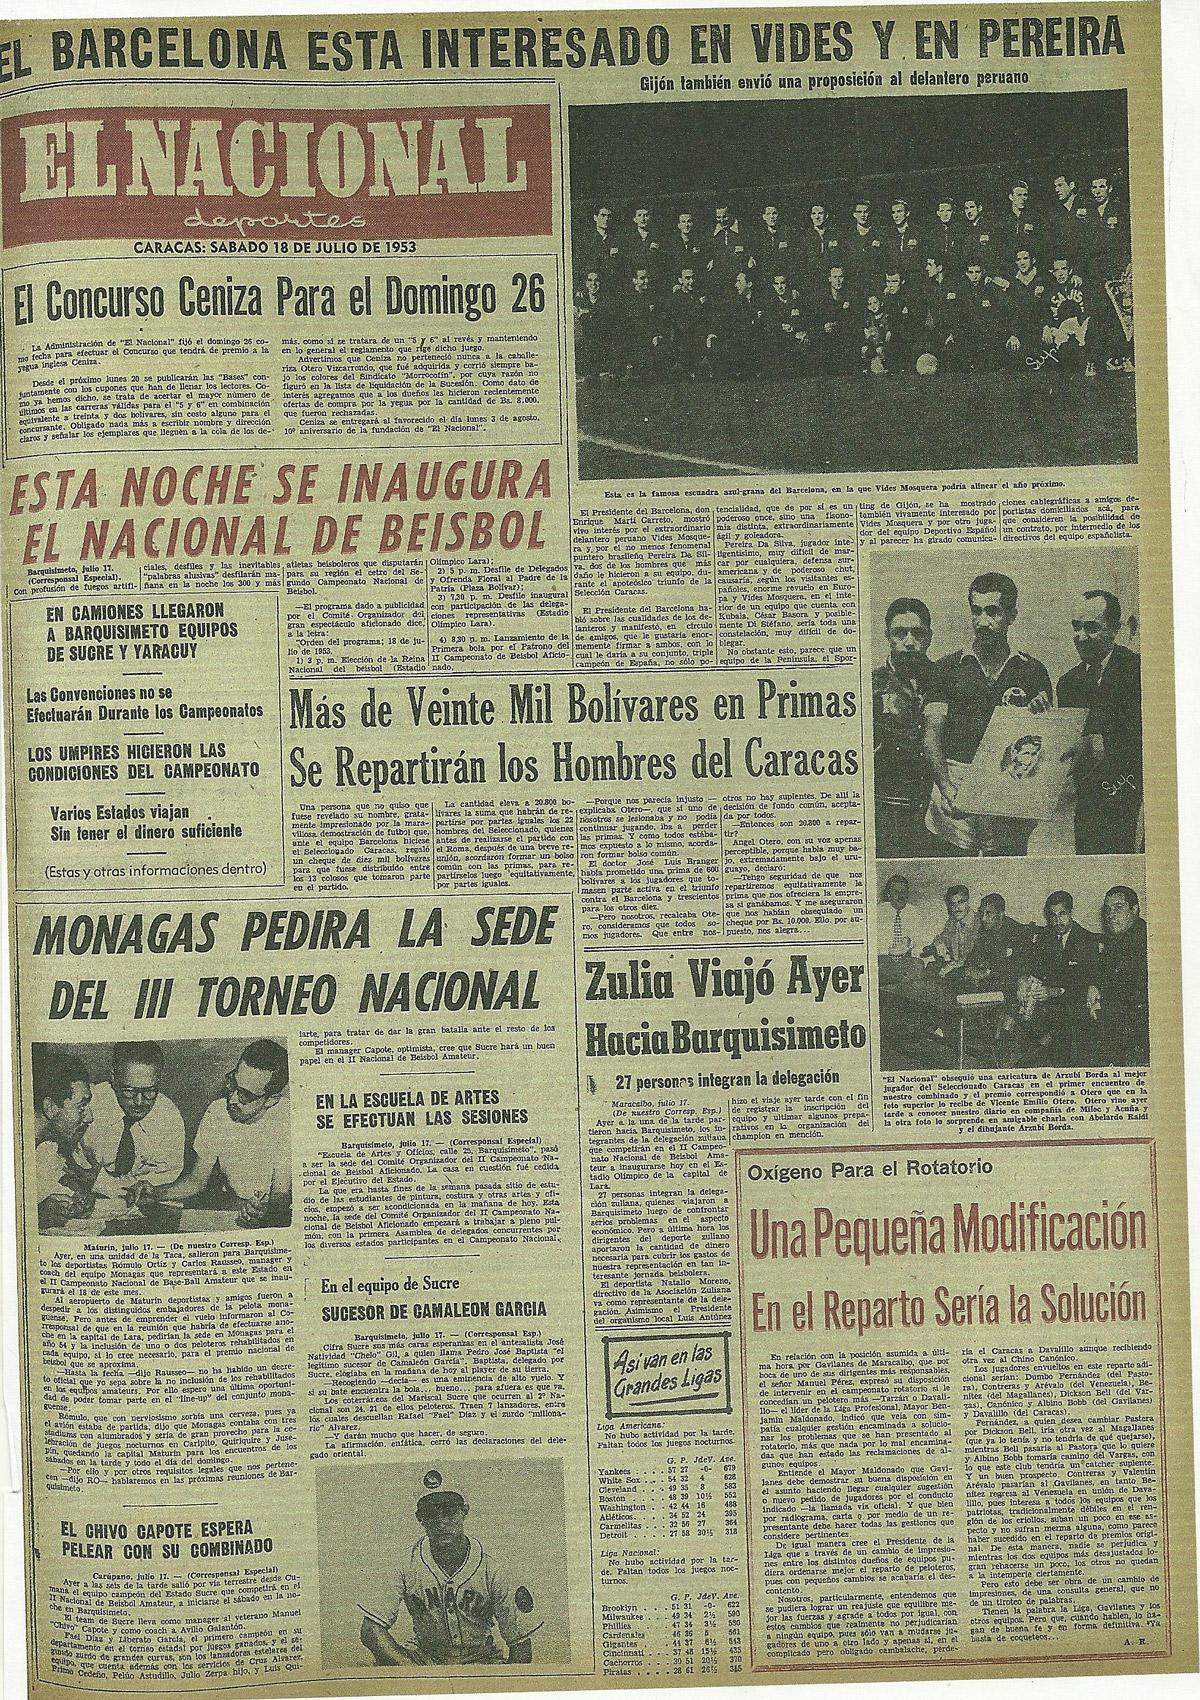 """CRÍTICA PARCIAL DEL BLOG AL LIBRO """"EL CASO DI STEFANO""""."""